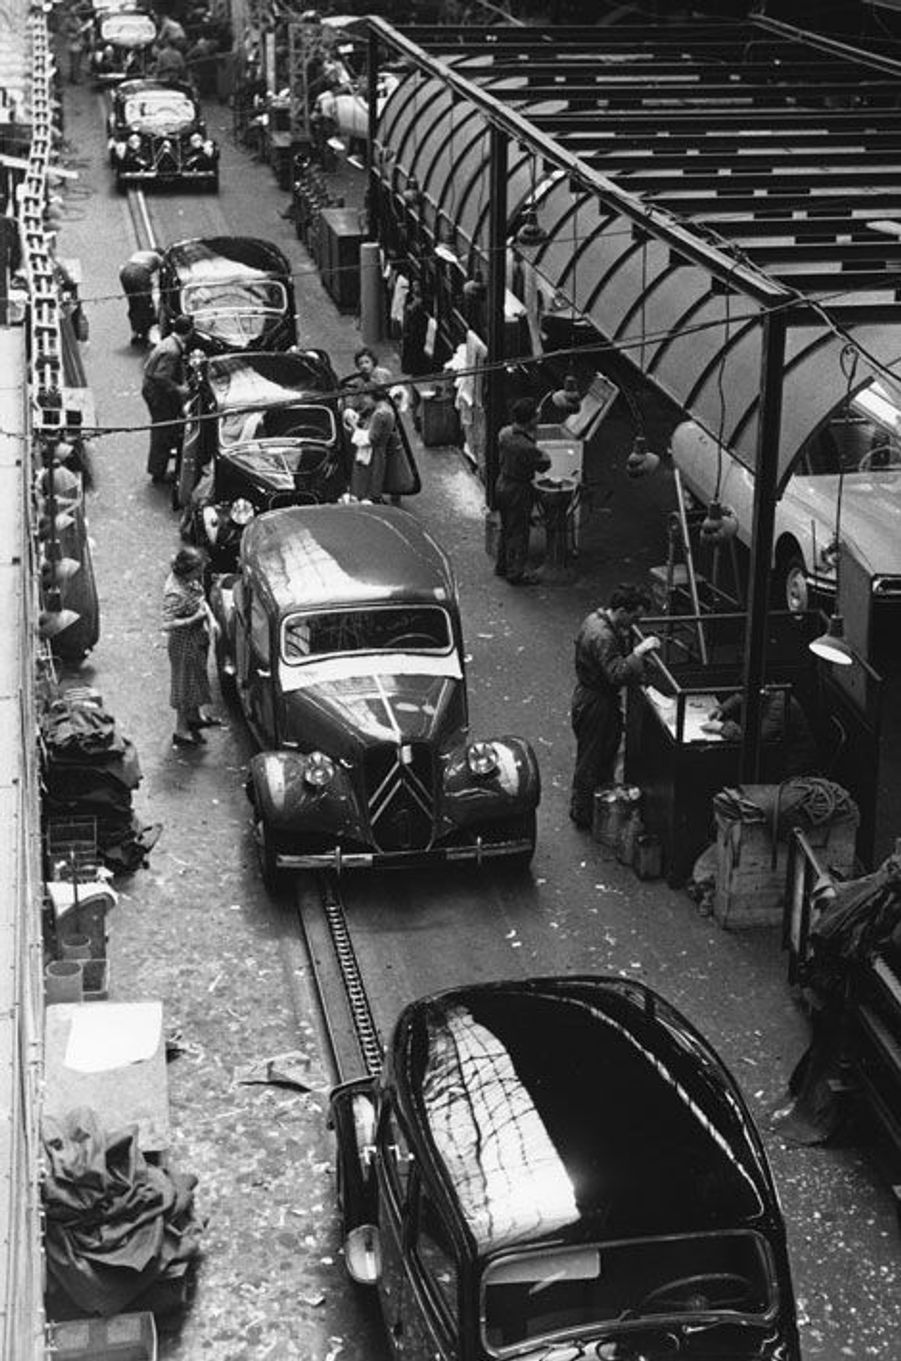 En 23 ans, 759 123 exemplaires de la Traction Avant ont été produits.